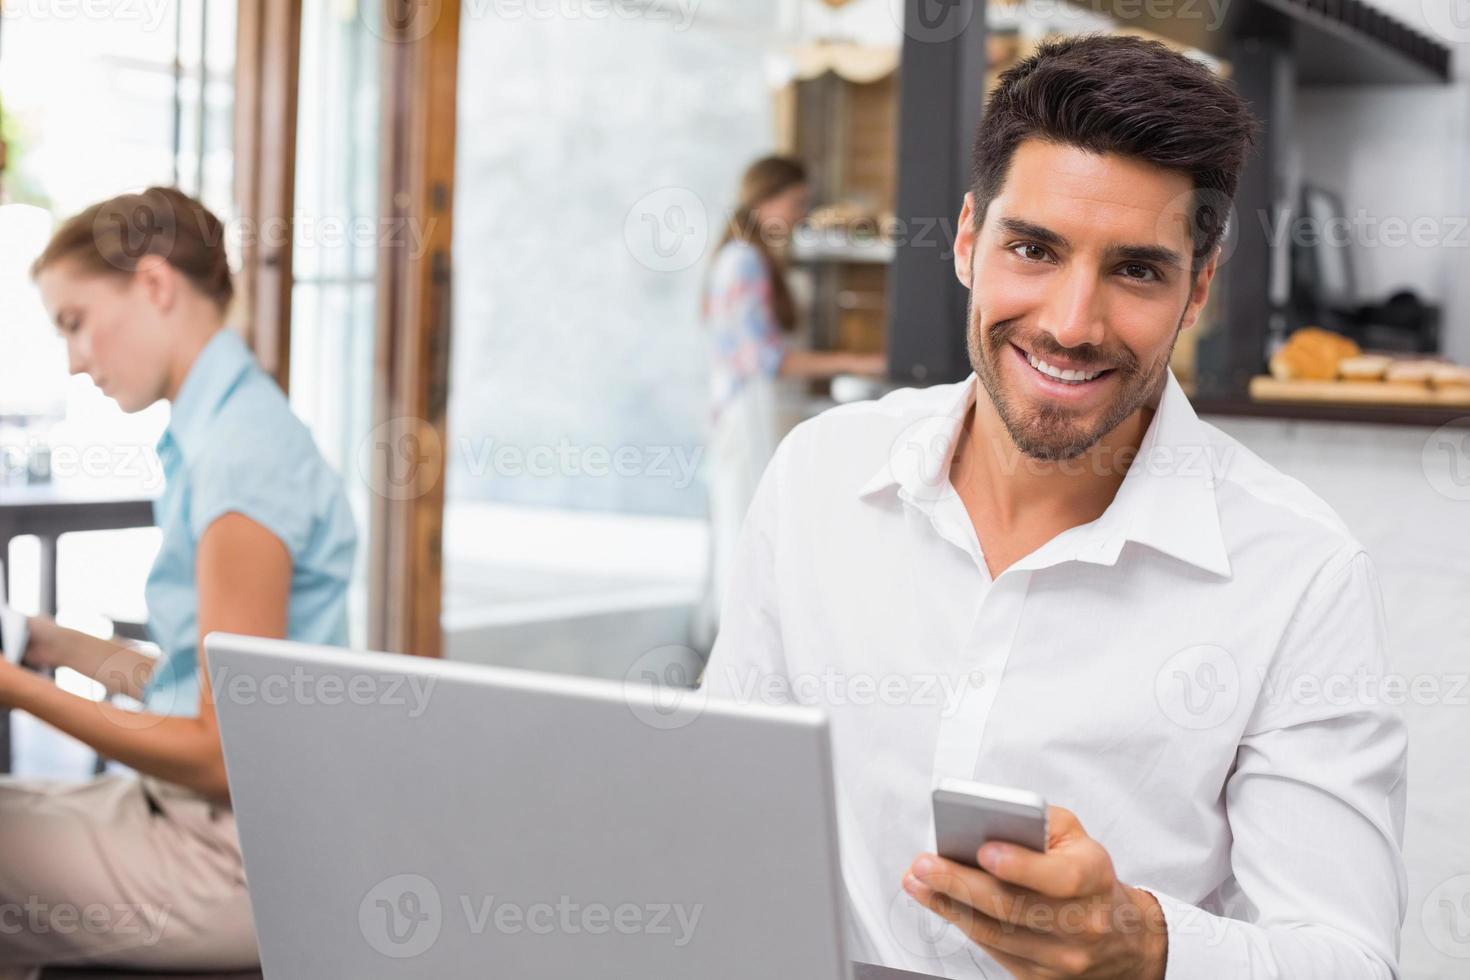 homem usando laptop e celular em uma cafeteria foto